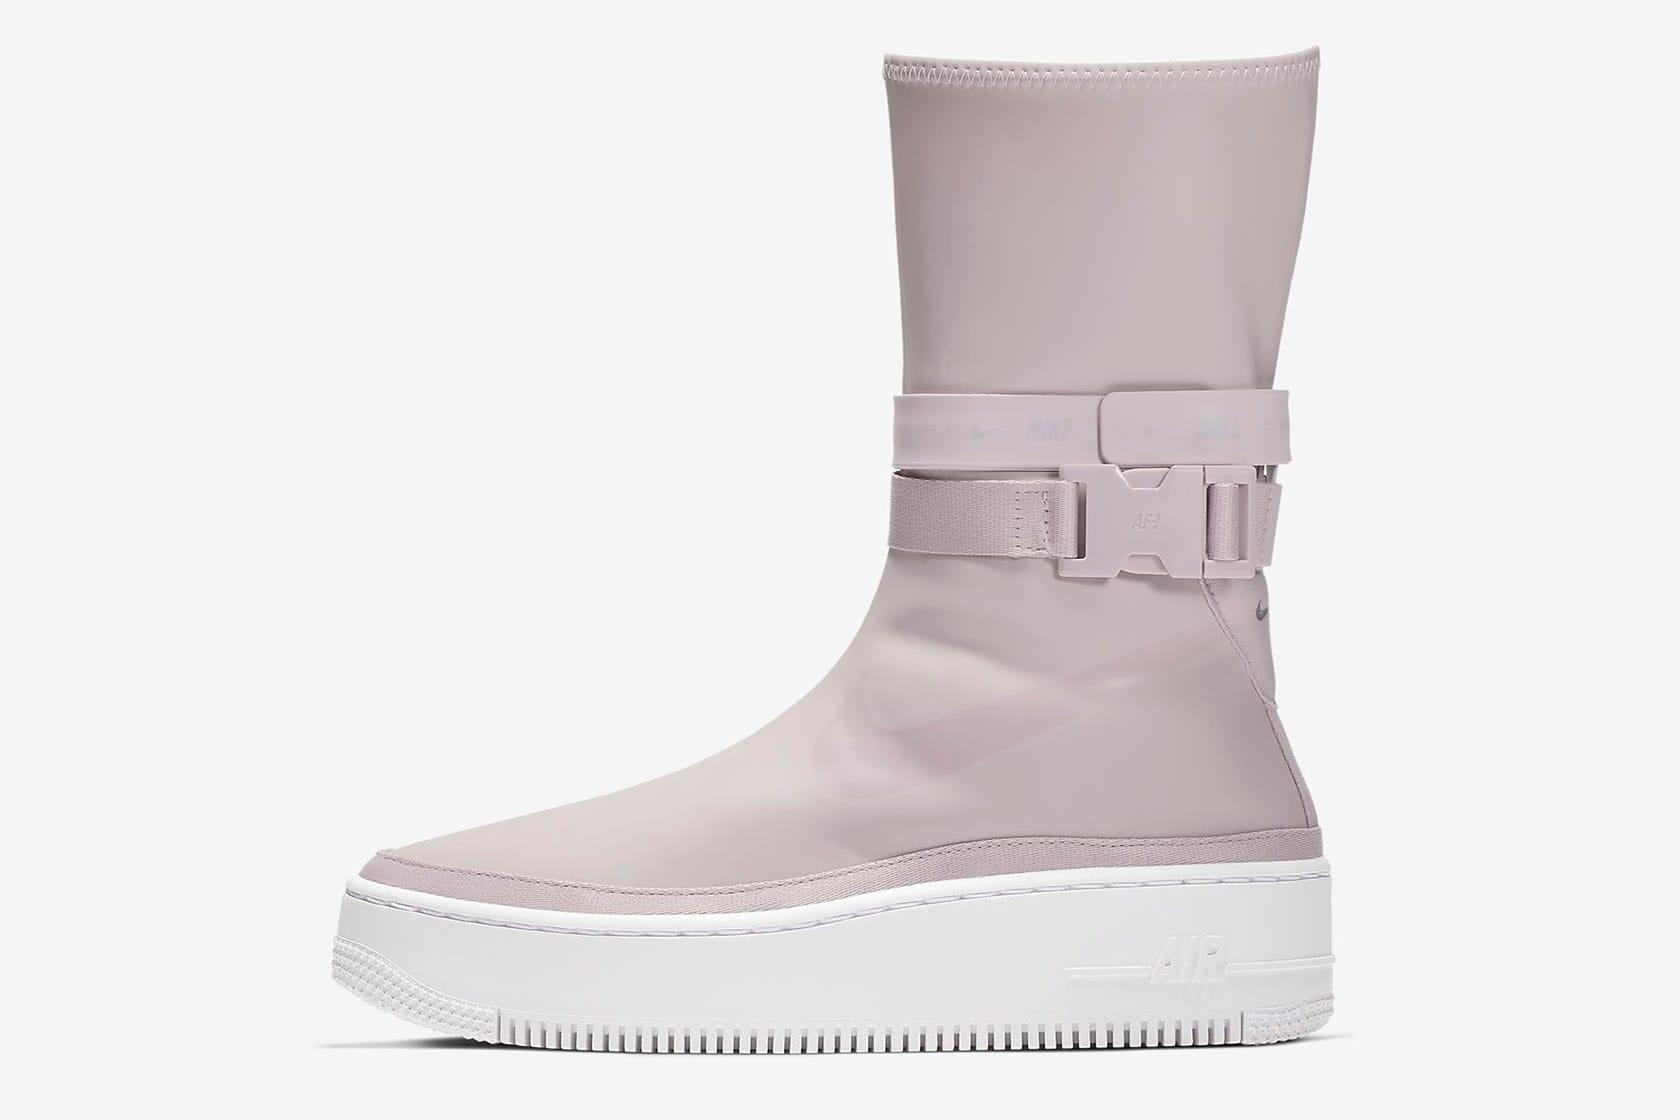 Nike Air Force 1 Sage Hi Sneaker Boot